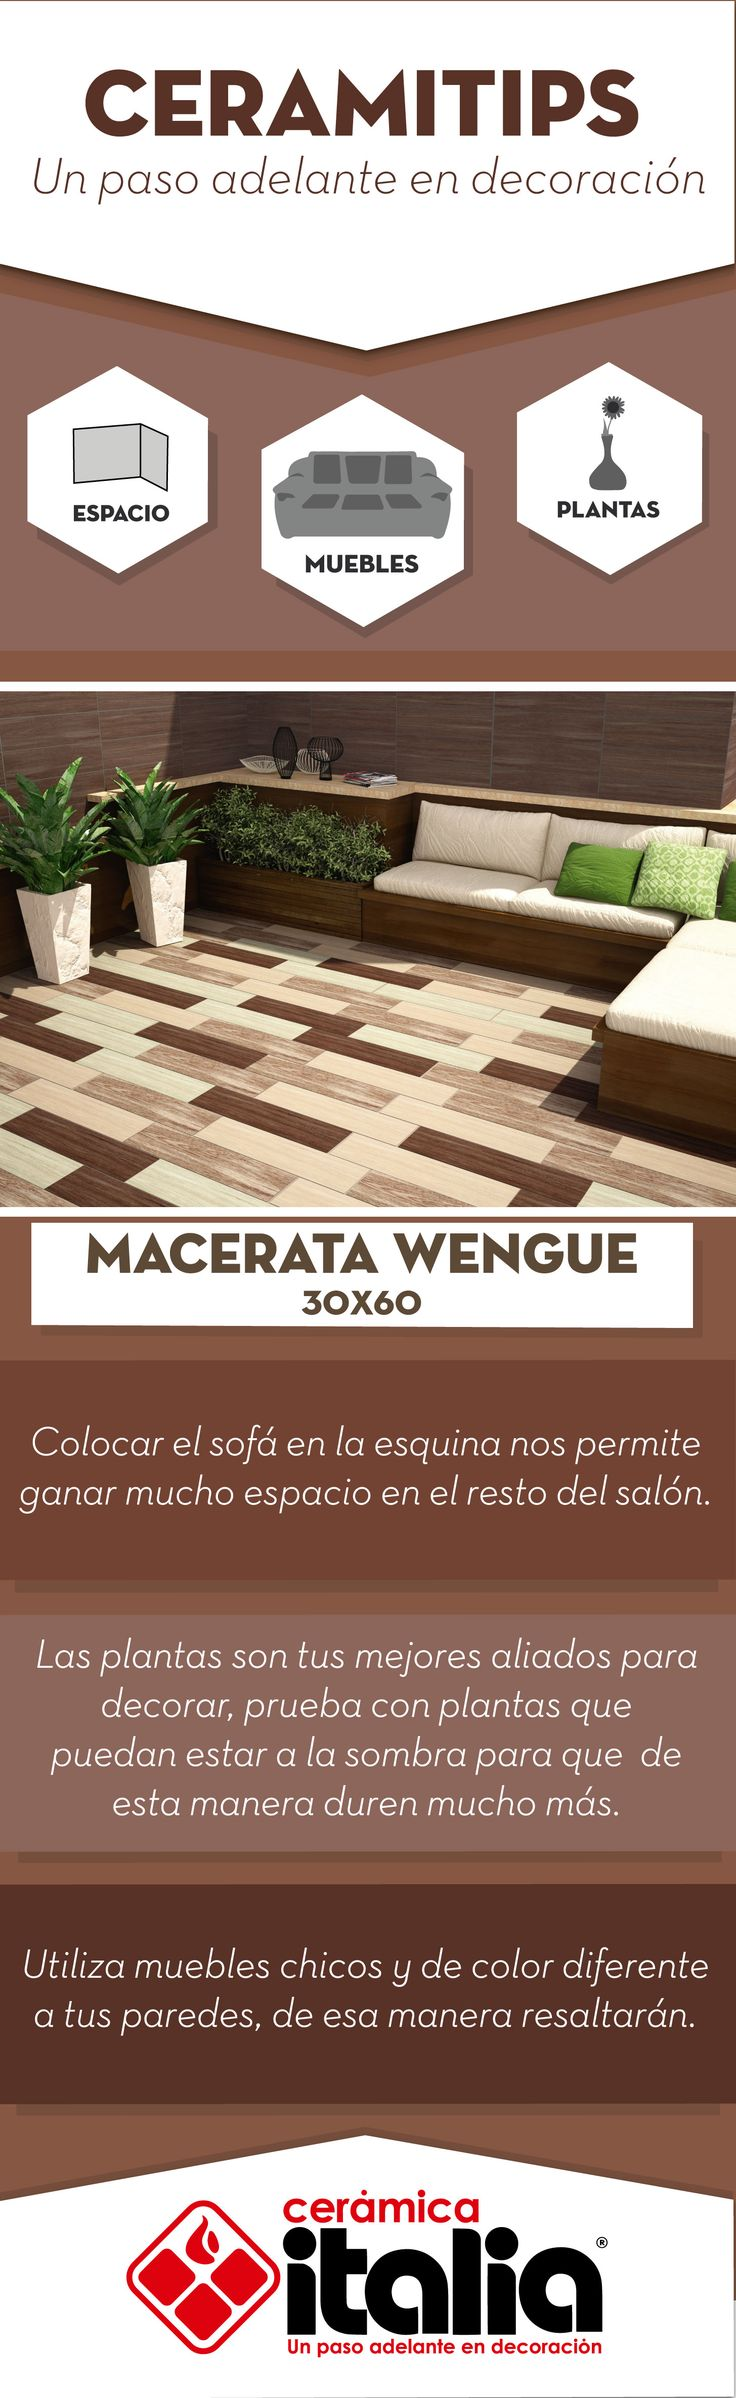 Utiliza muebles chicos y de color diferente a tus paredes, de esa manera resaltarán en tu ambiente.  #Exterirores #Outdoor #Cojines #Cushions  #Planta #Plan #Madera #madera #Wood